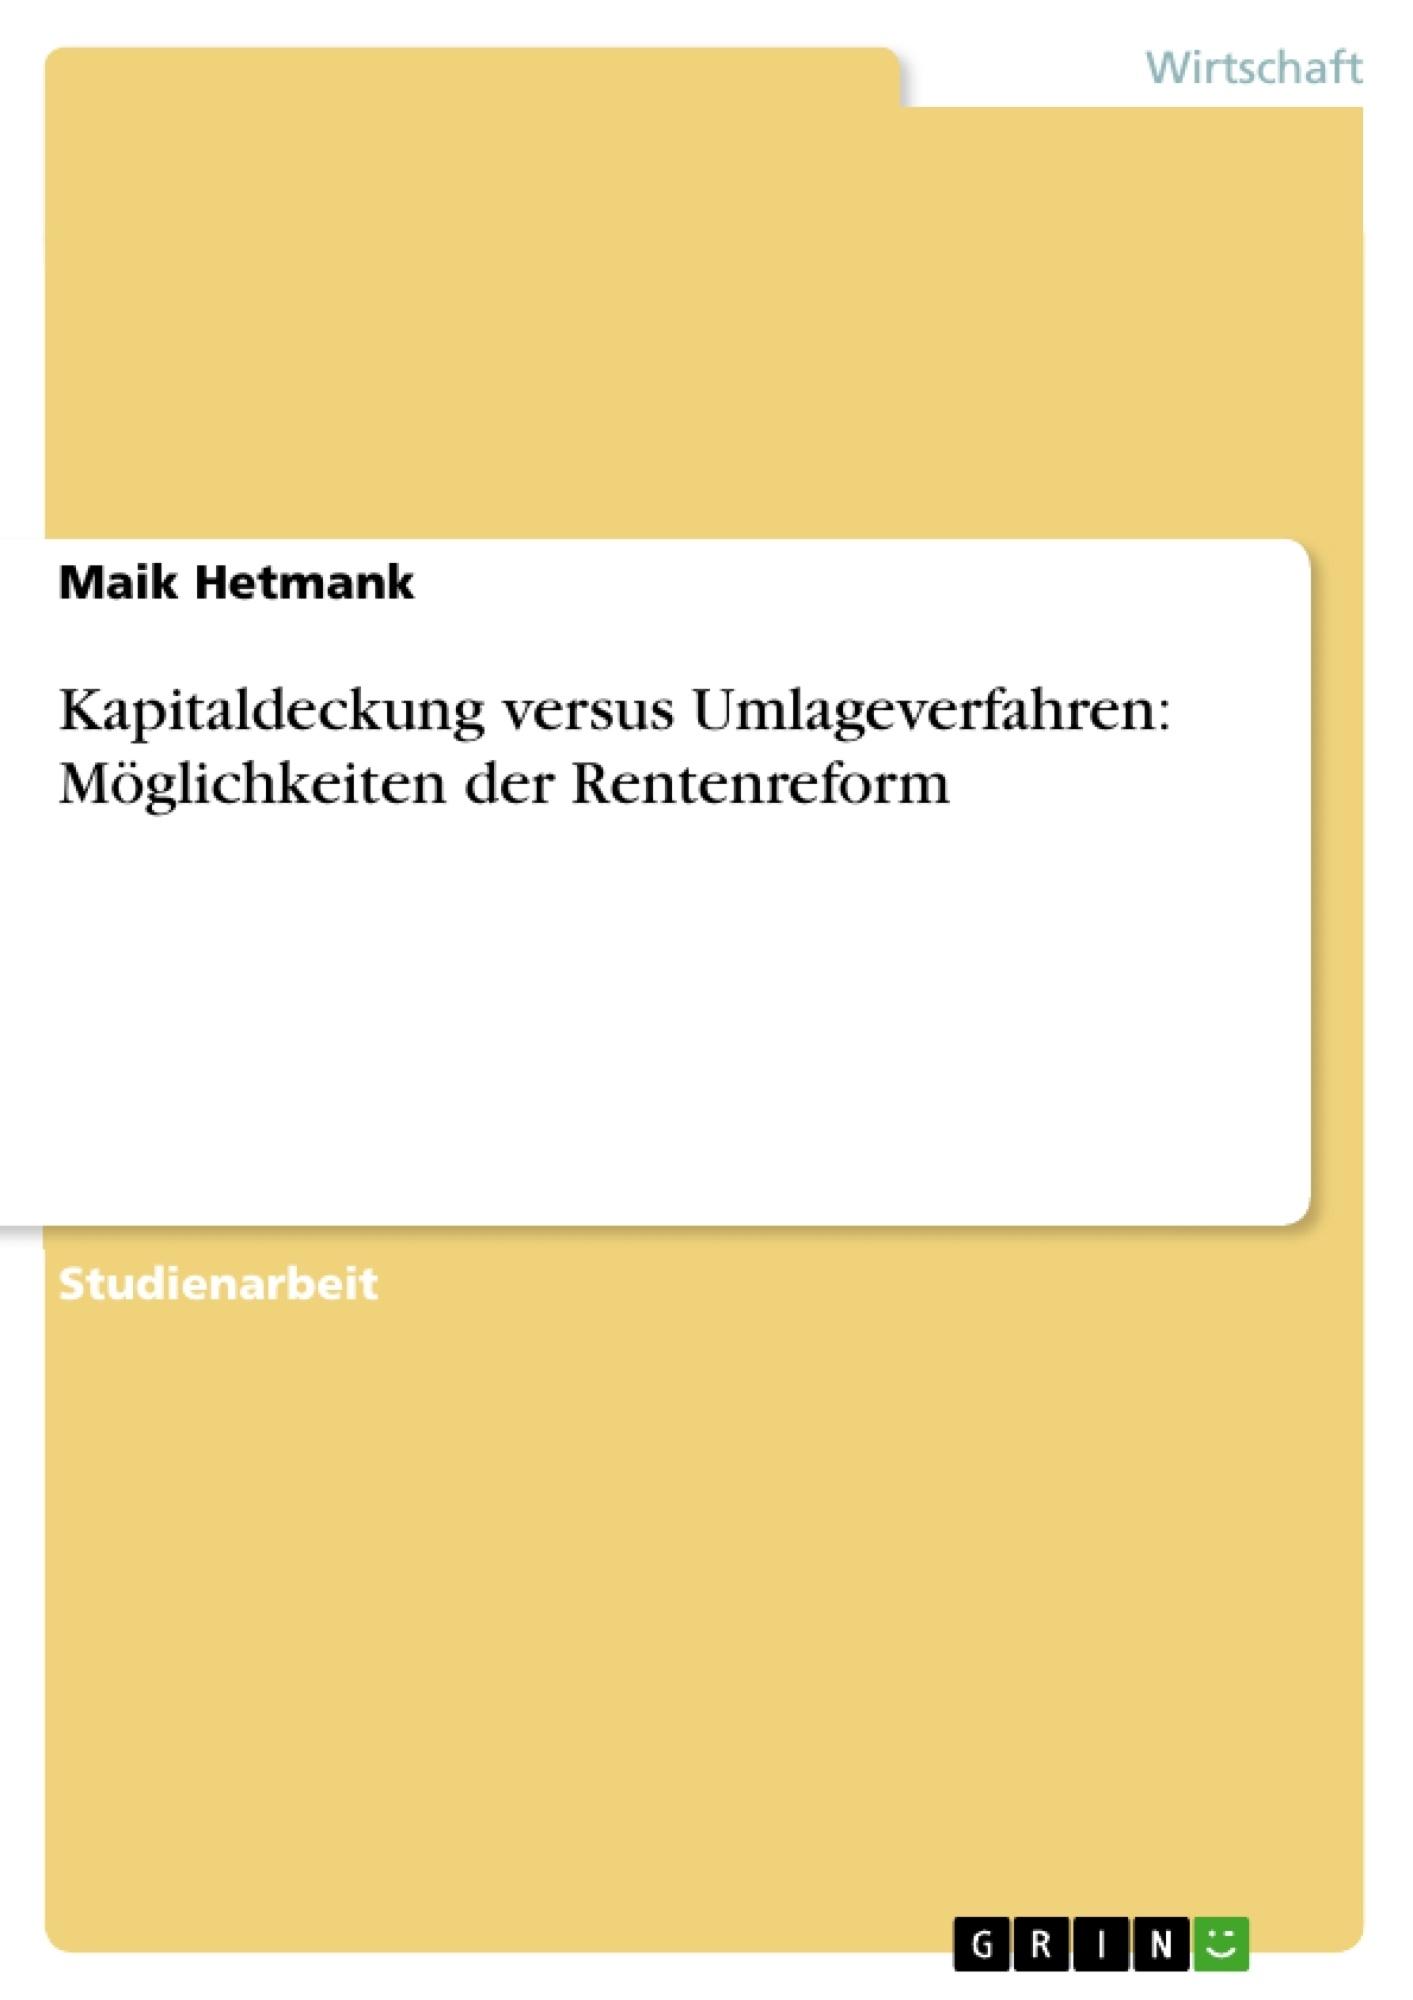 Titel: Kapitaldeckung versus Umlageverfahren: Möglichkeiten der Rentenreform